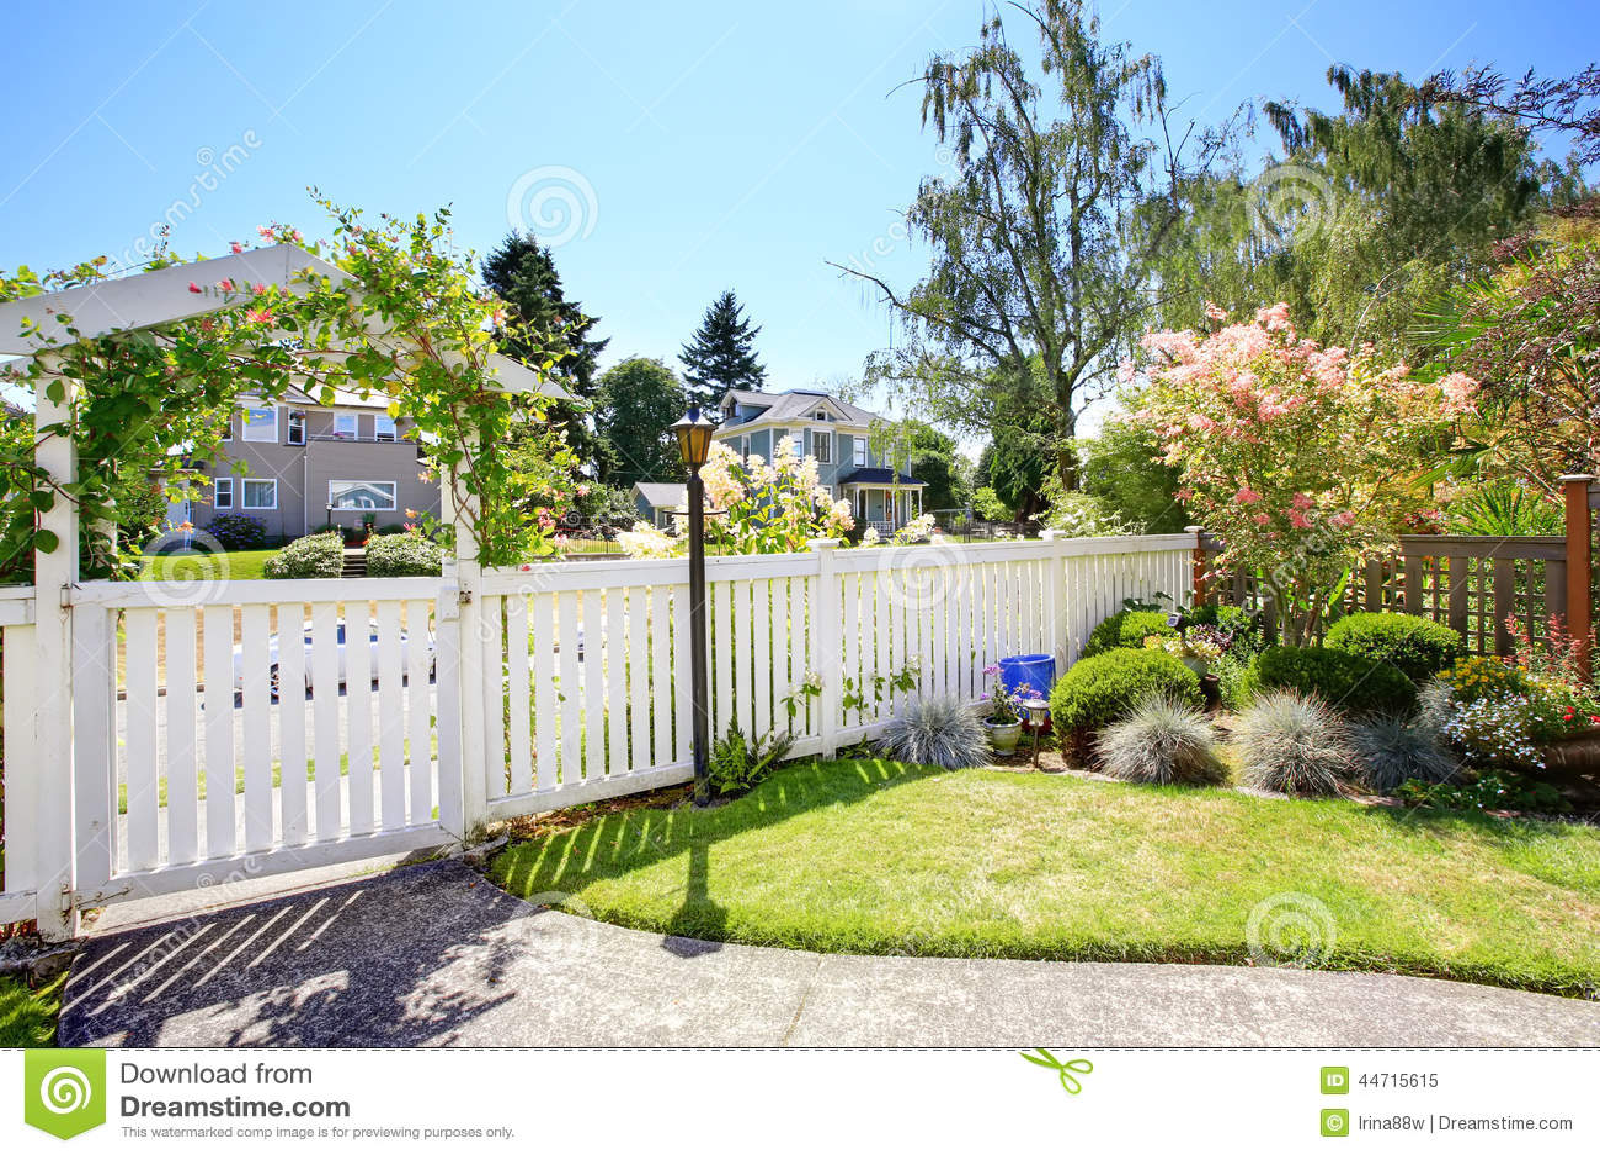 vorgarten mit weißem zaun und landschaft stockbild - bild von